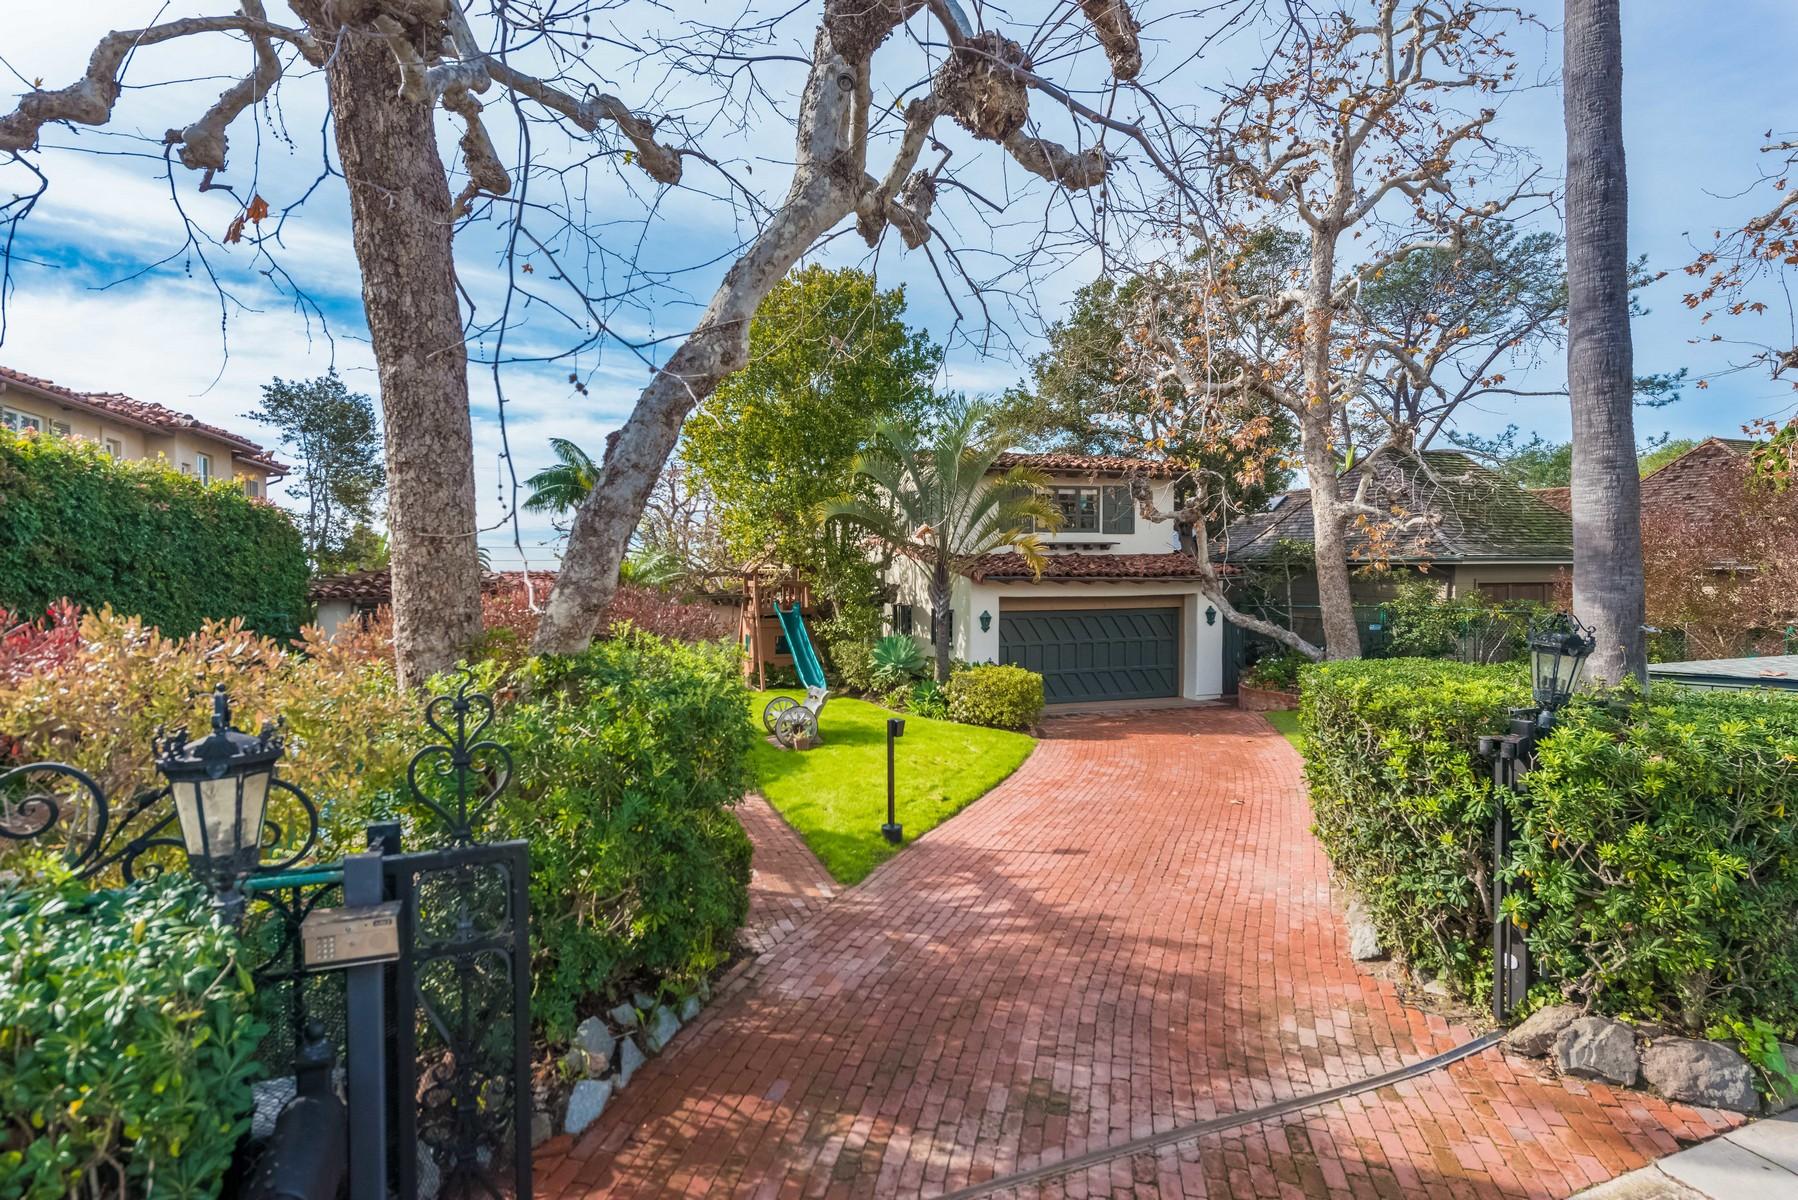 独户住宅 为 销售 在 6116 Avenida Cresta 拉荷亚, 加利福尼亚州, 92037 美国